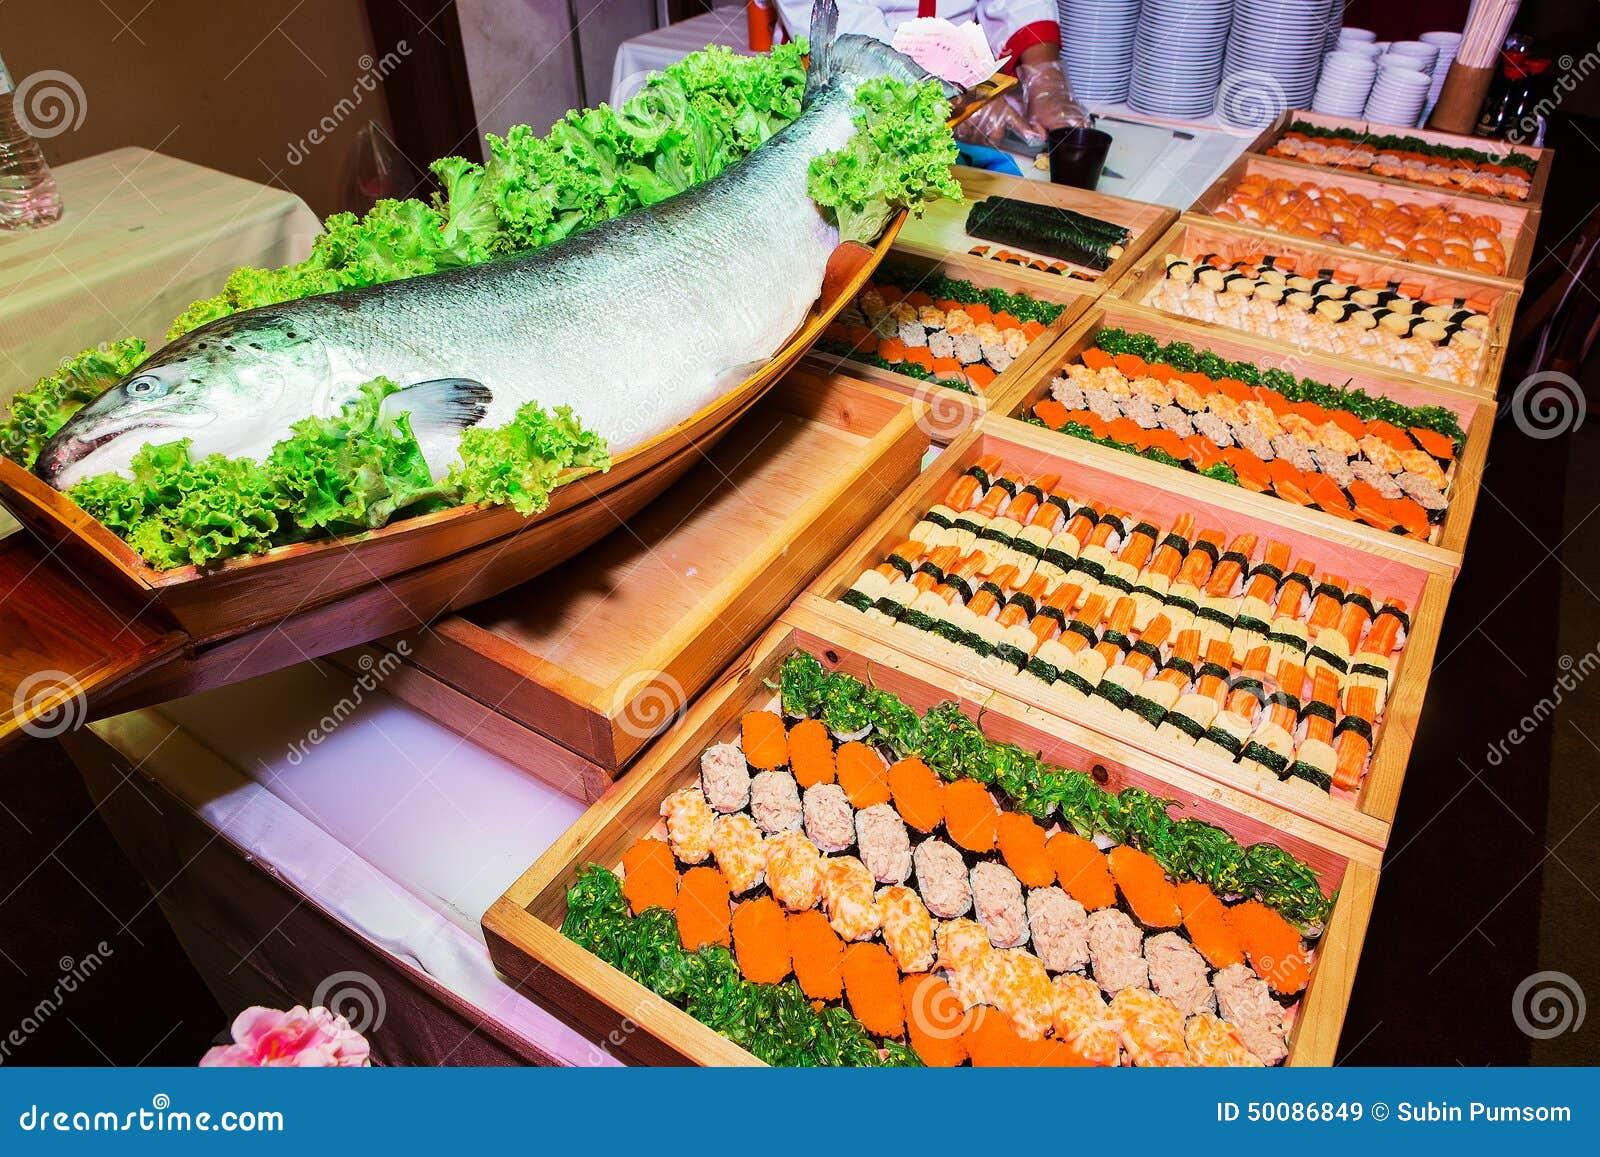 Japanese food palatable